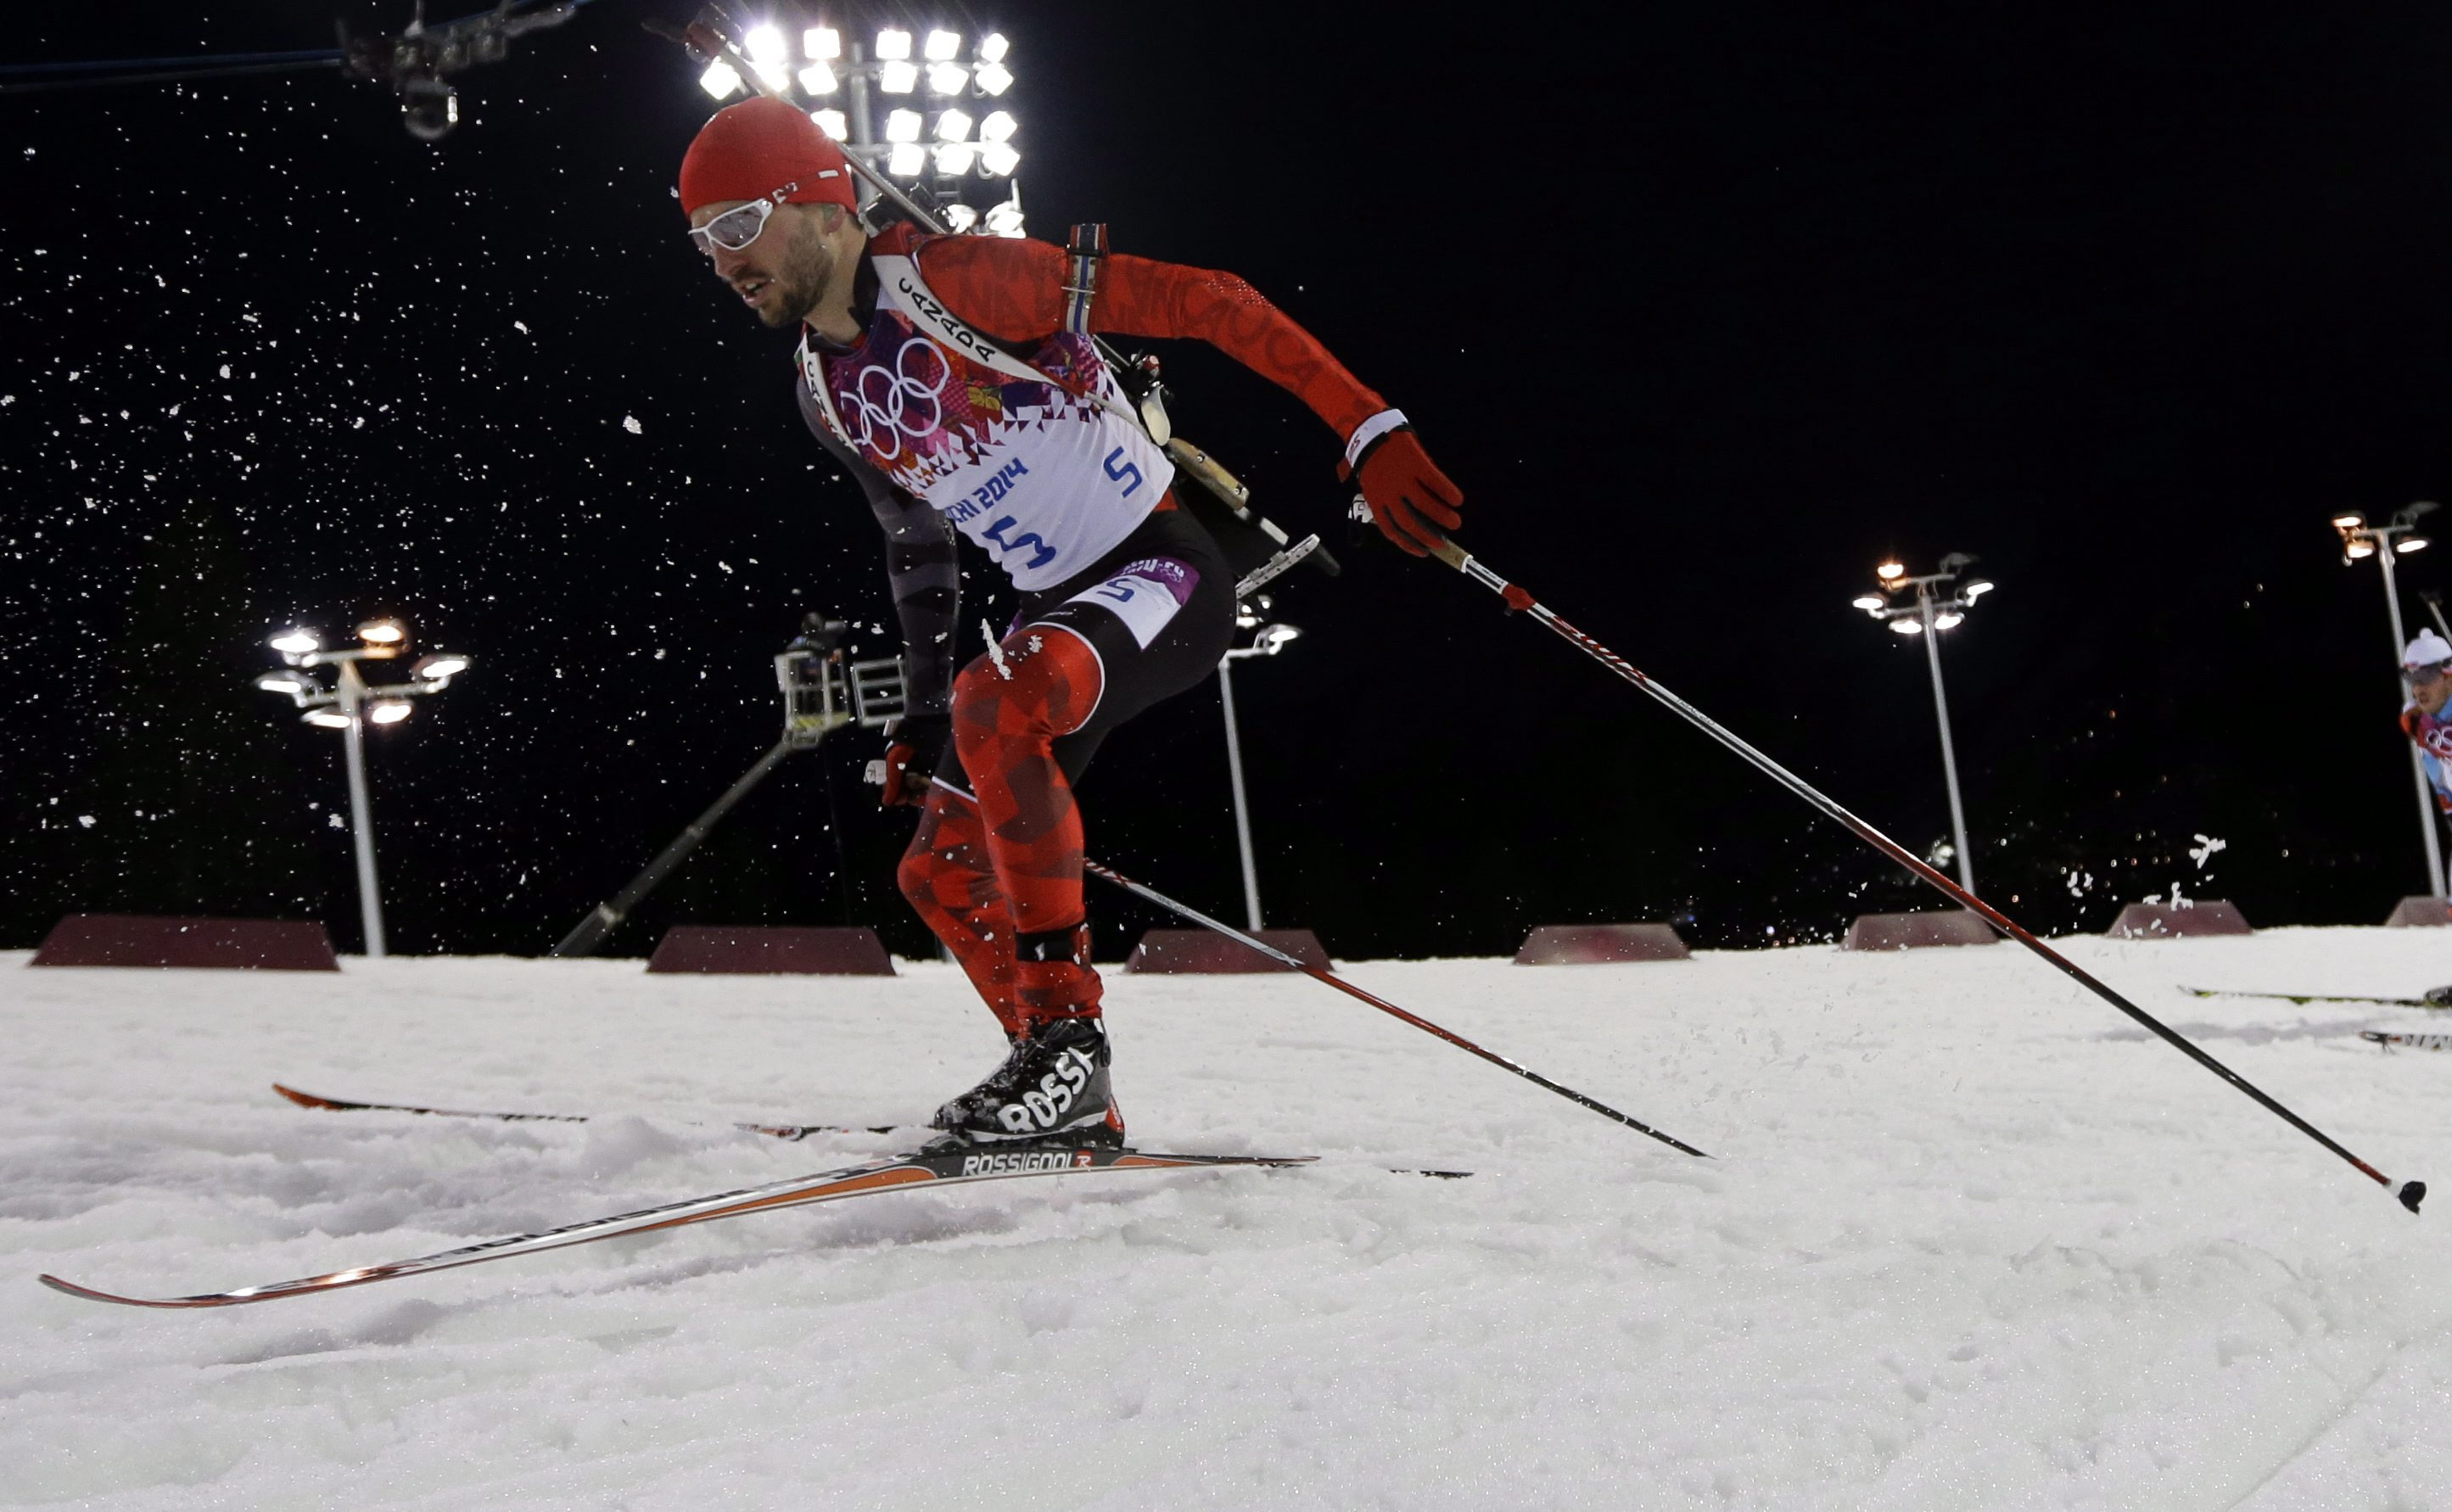 Sochi Olympics Biathlon Men